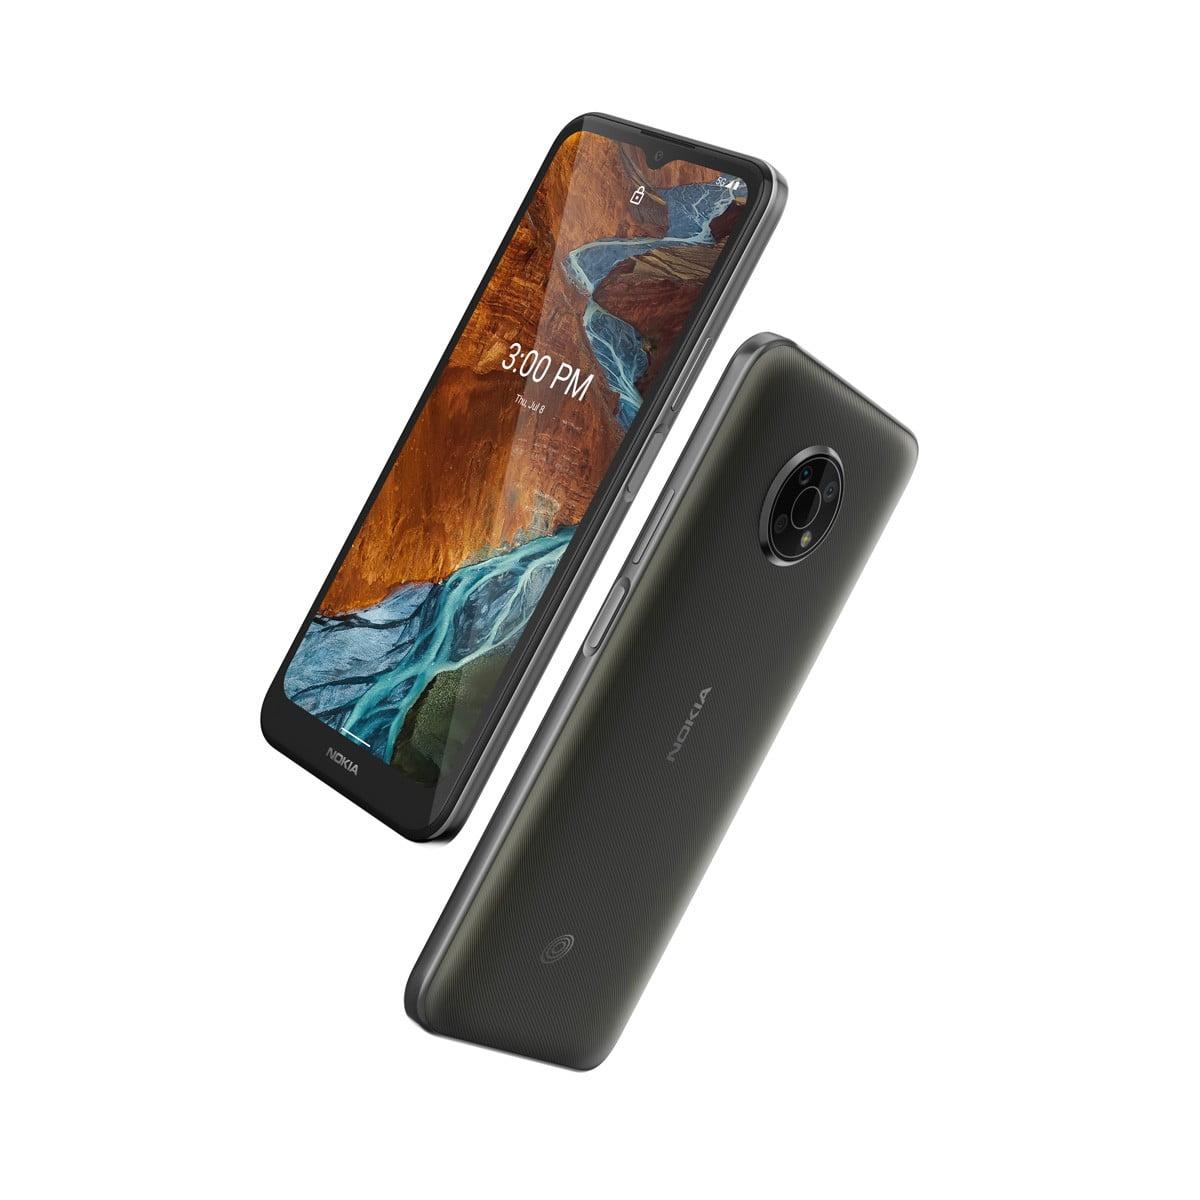 Nokia uygun fiyatlı G300 modelini tanıttı